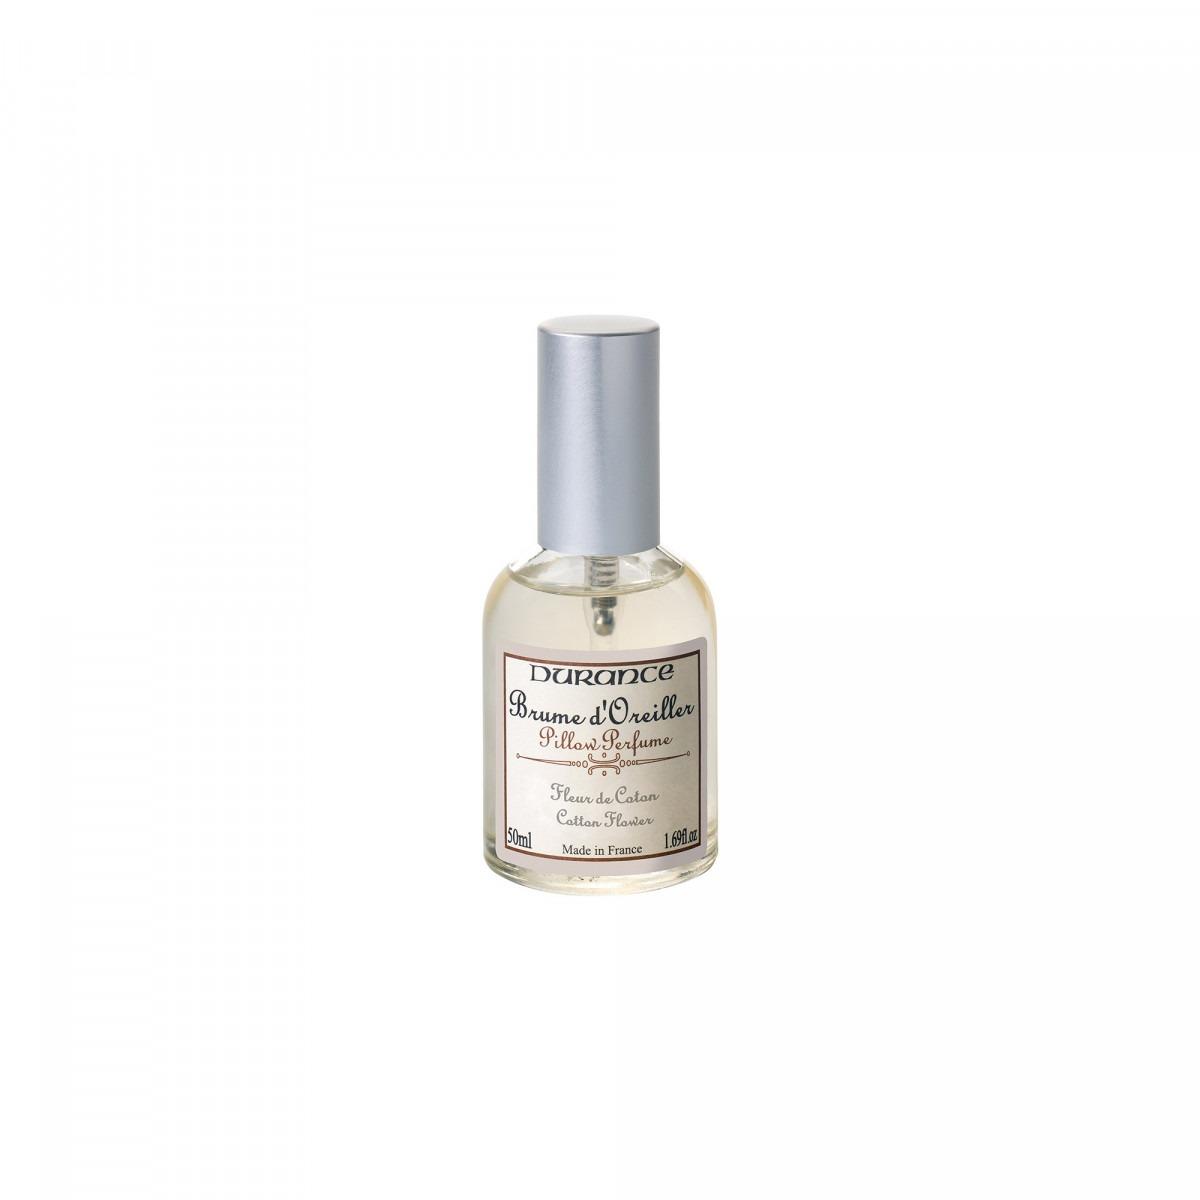 Durance Fleur de Cotton Pillow Spray 50ml